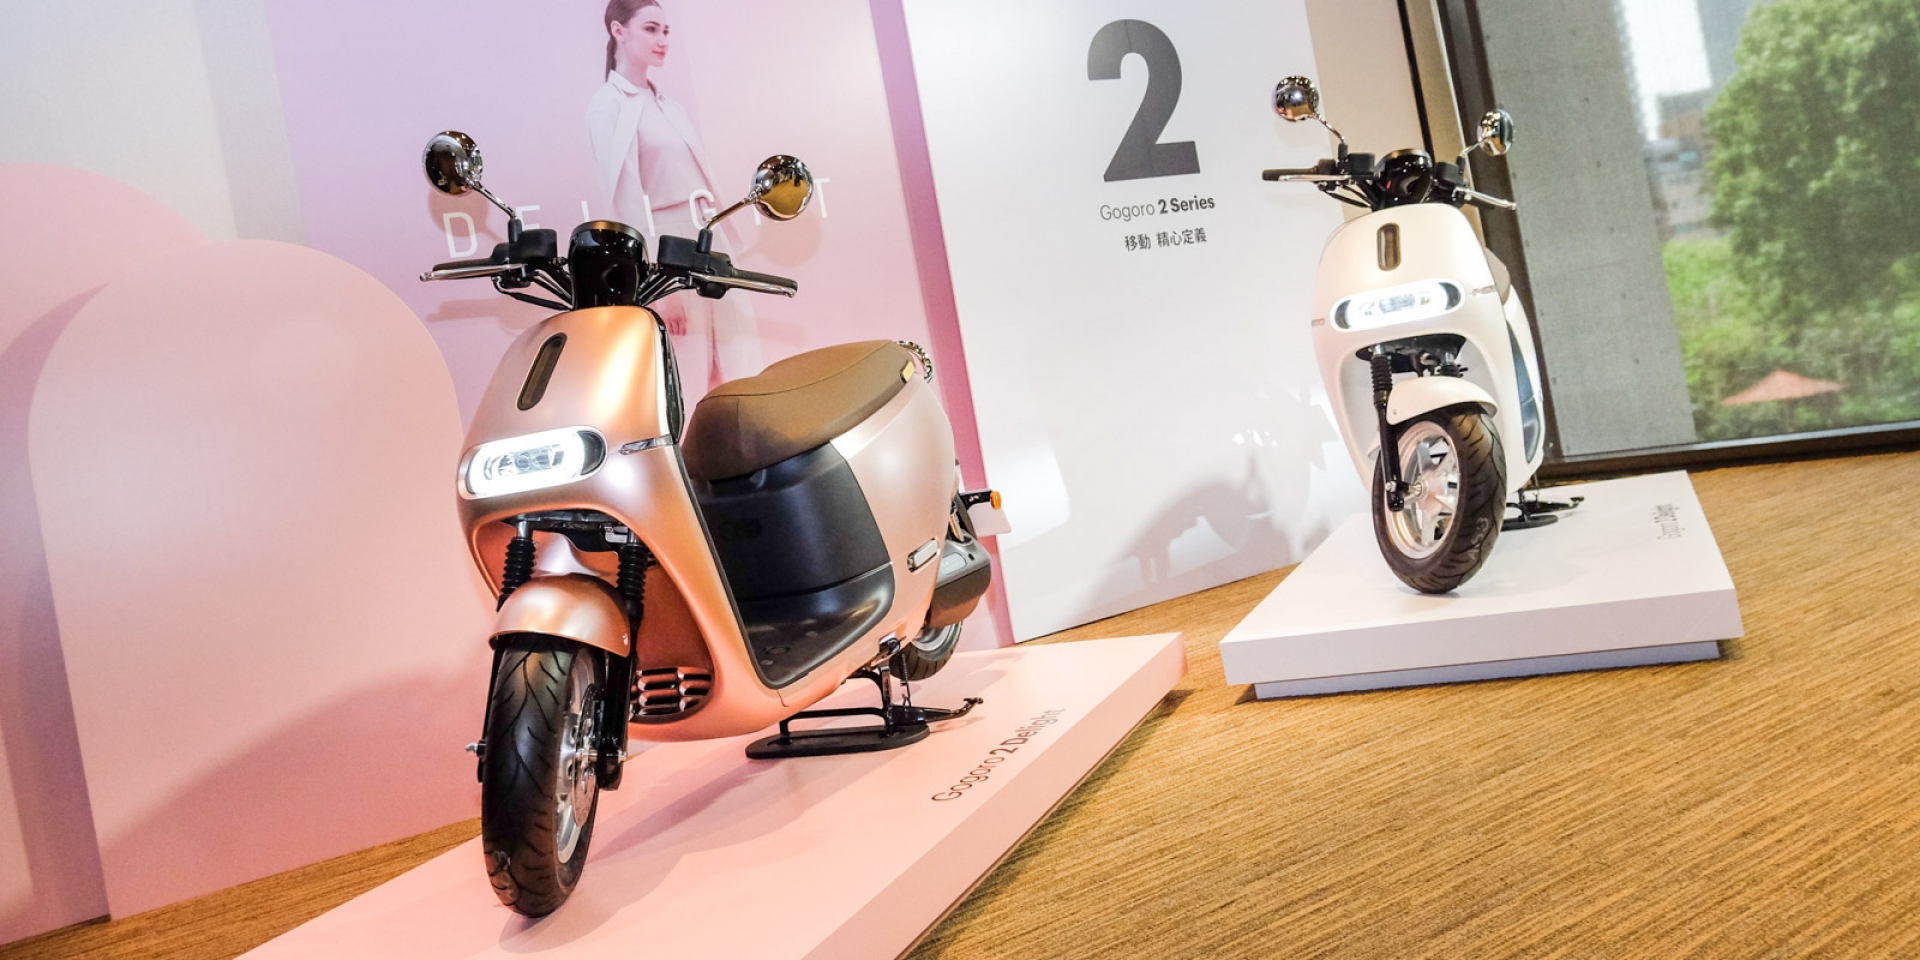 保養簡單、升級皮帶不加價,Gogoro 2/3 Premium車款操控安全雙料升級